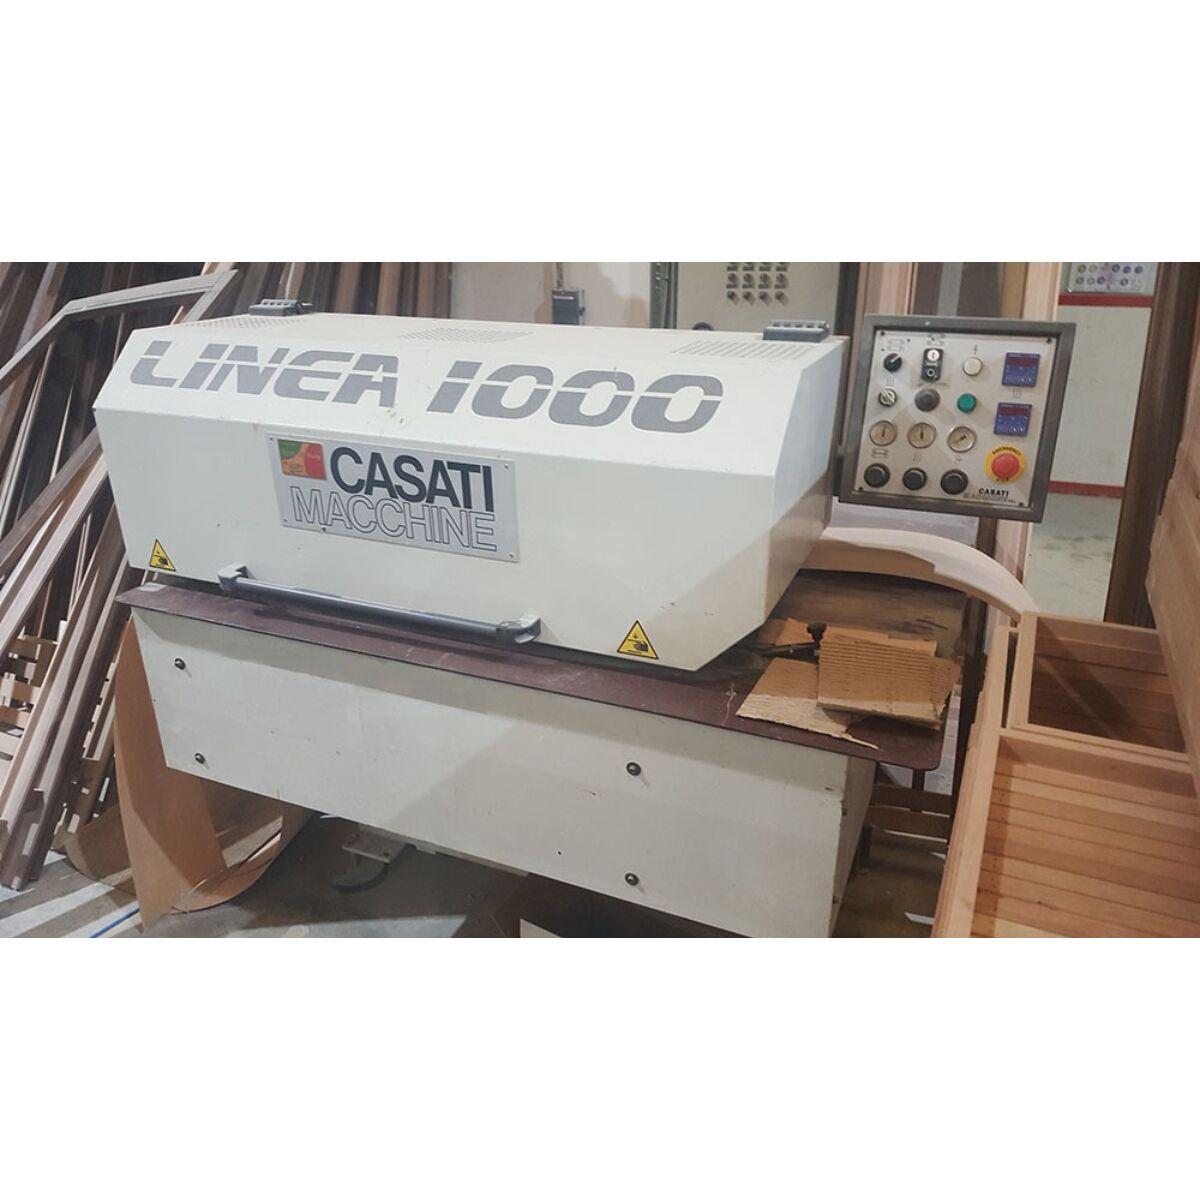 Caseti Linea 1000 - használt furnértáblásító